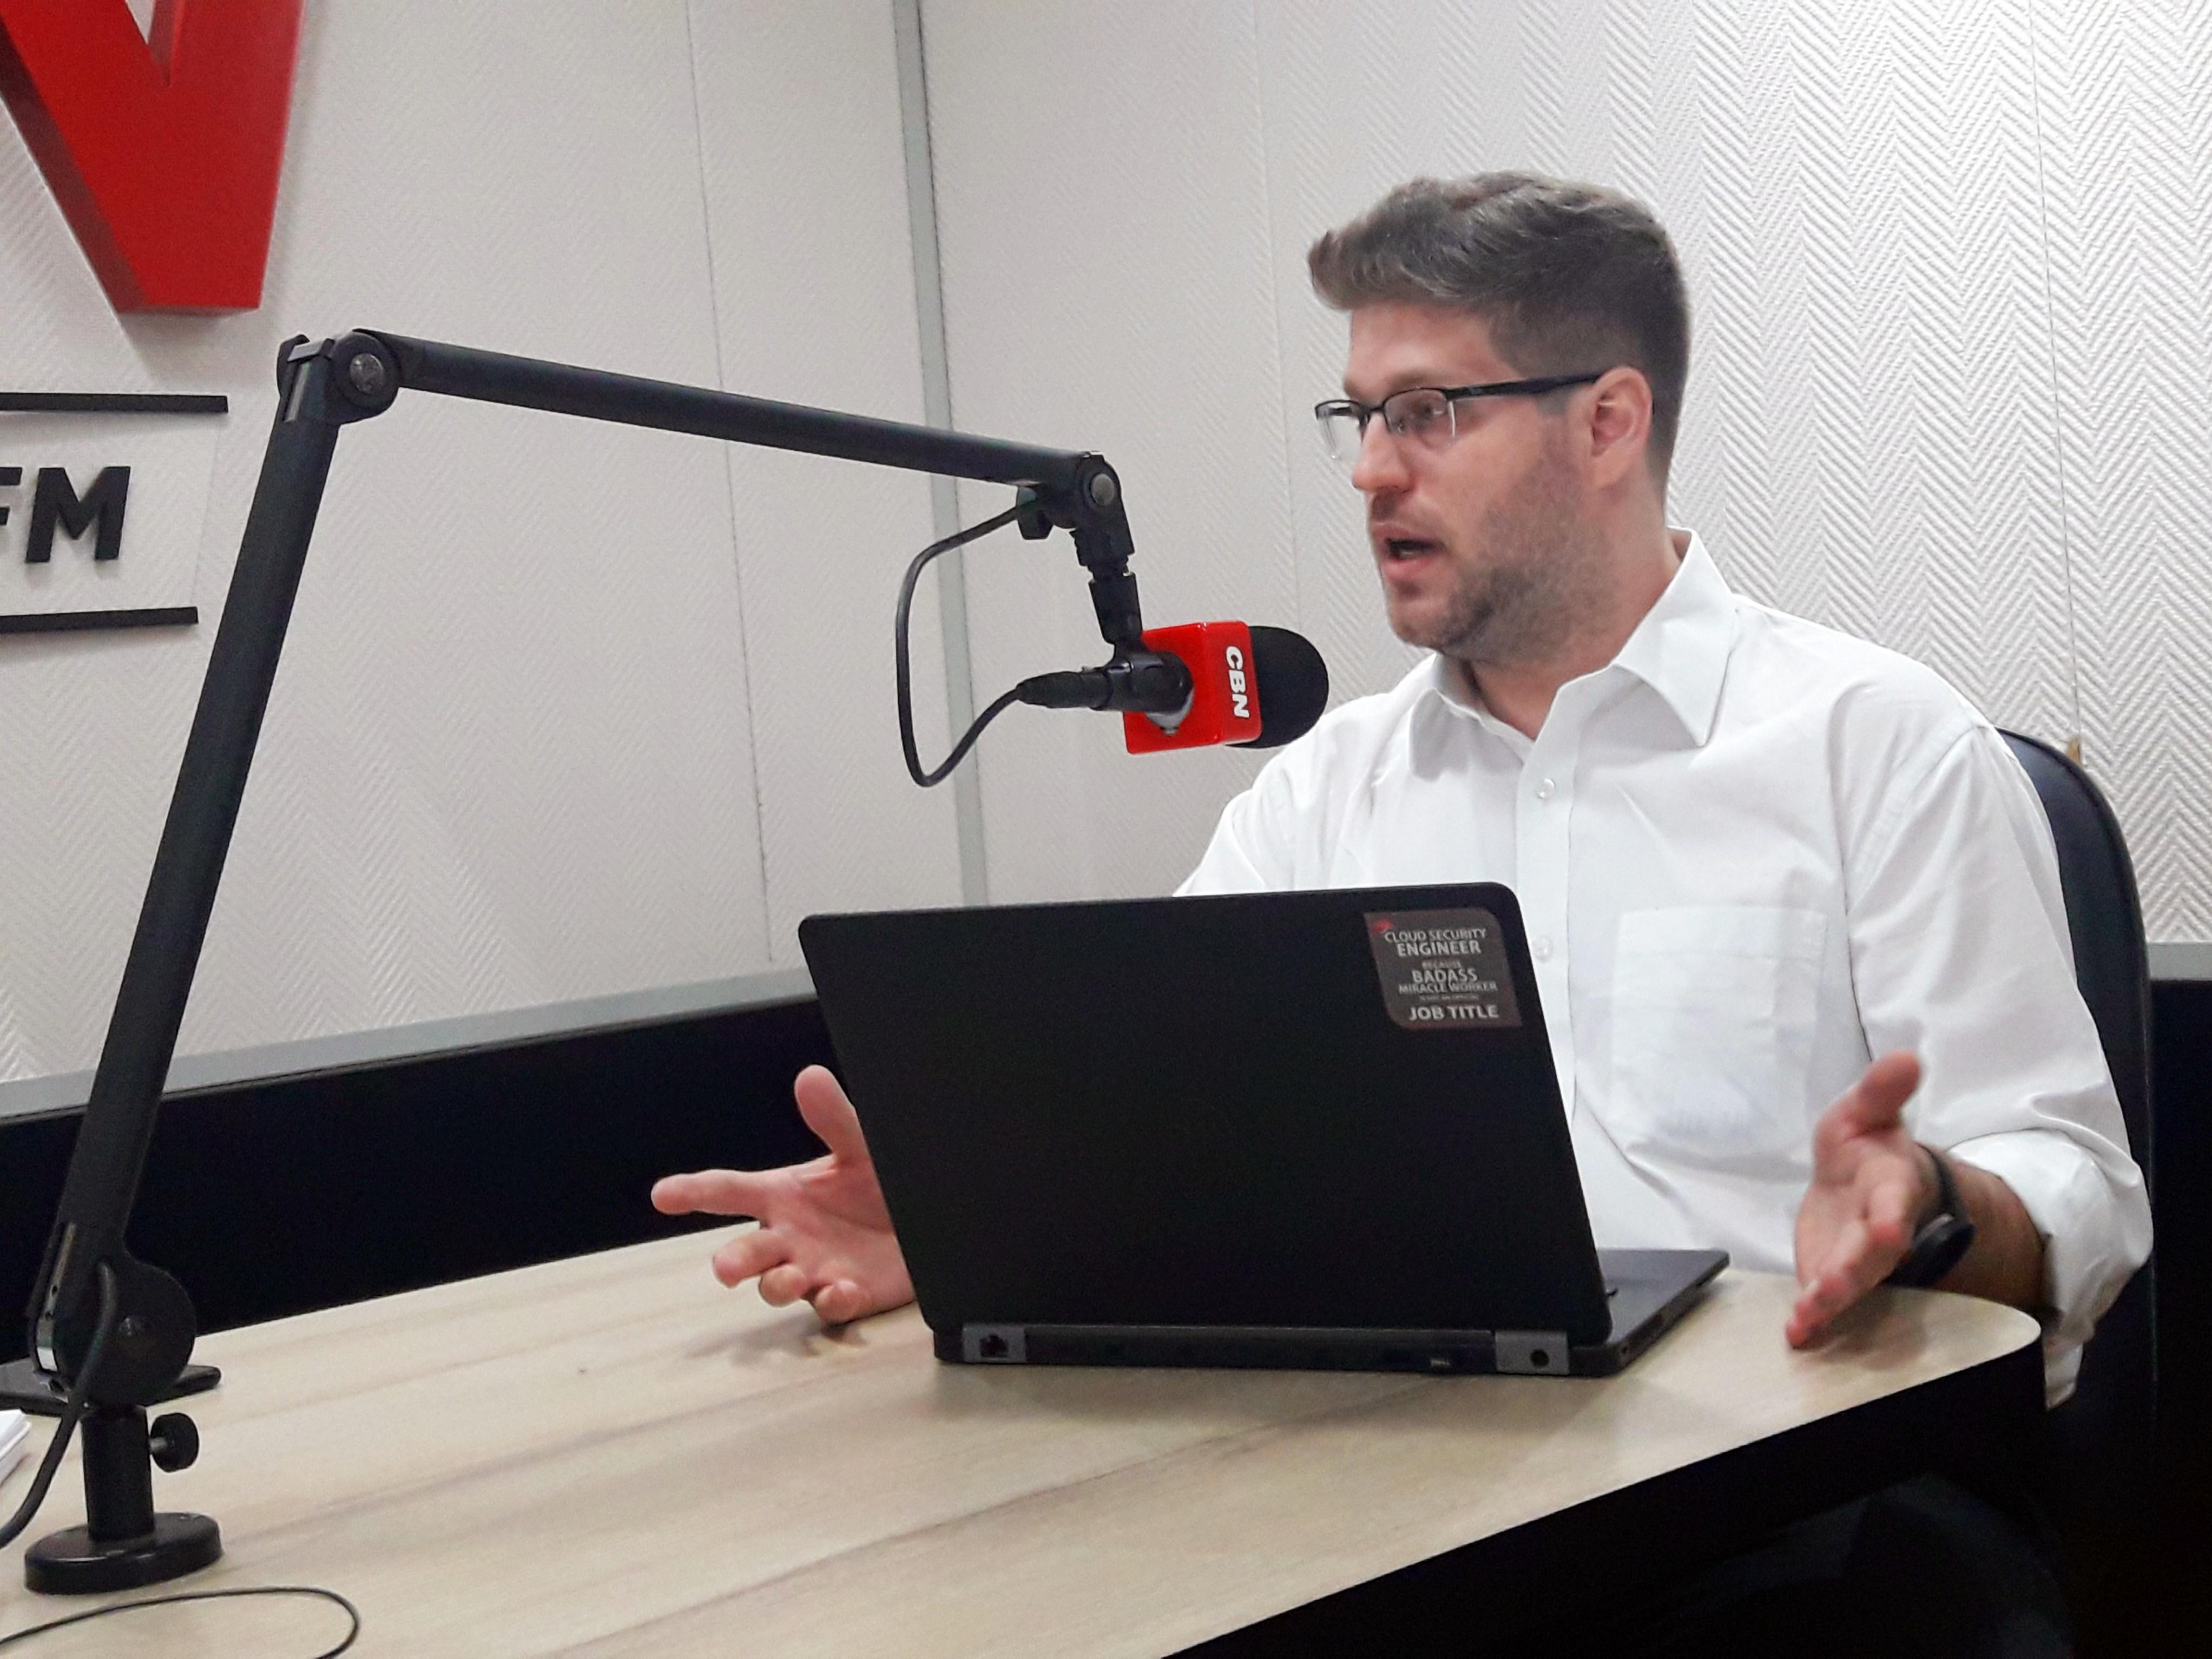 Dados do mundo virtual devem ter proteção real